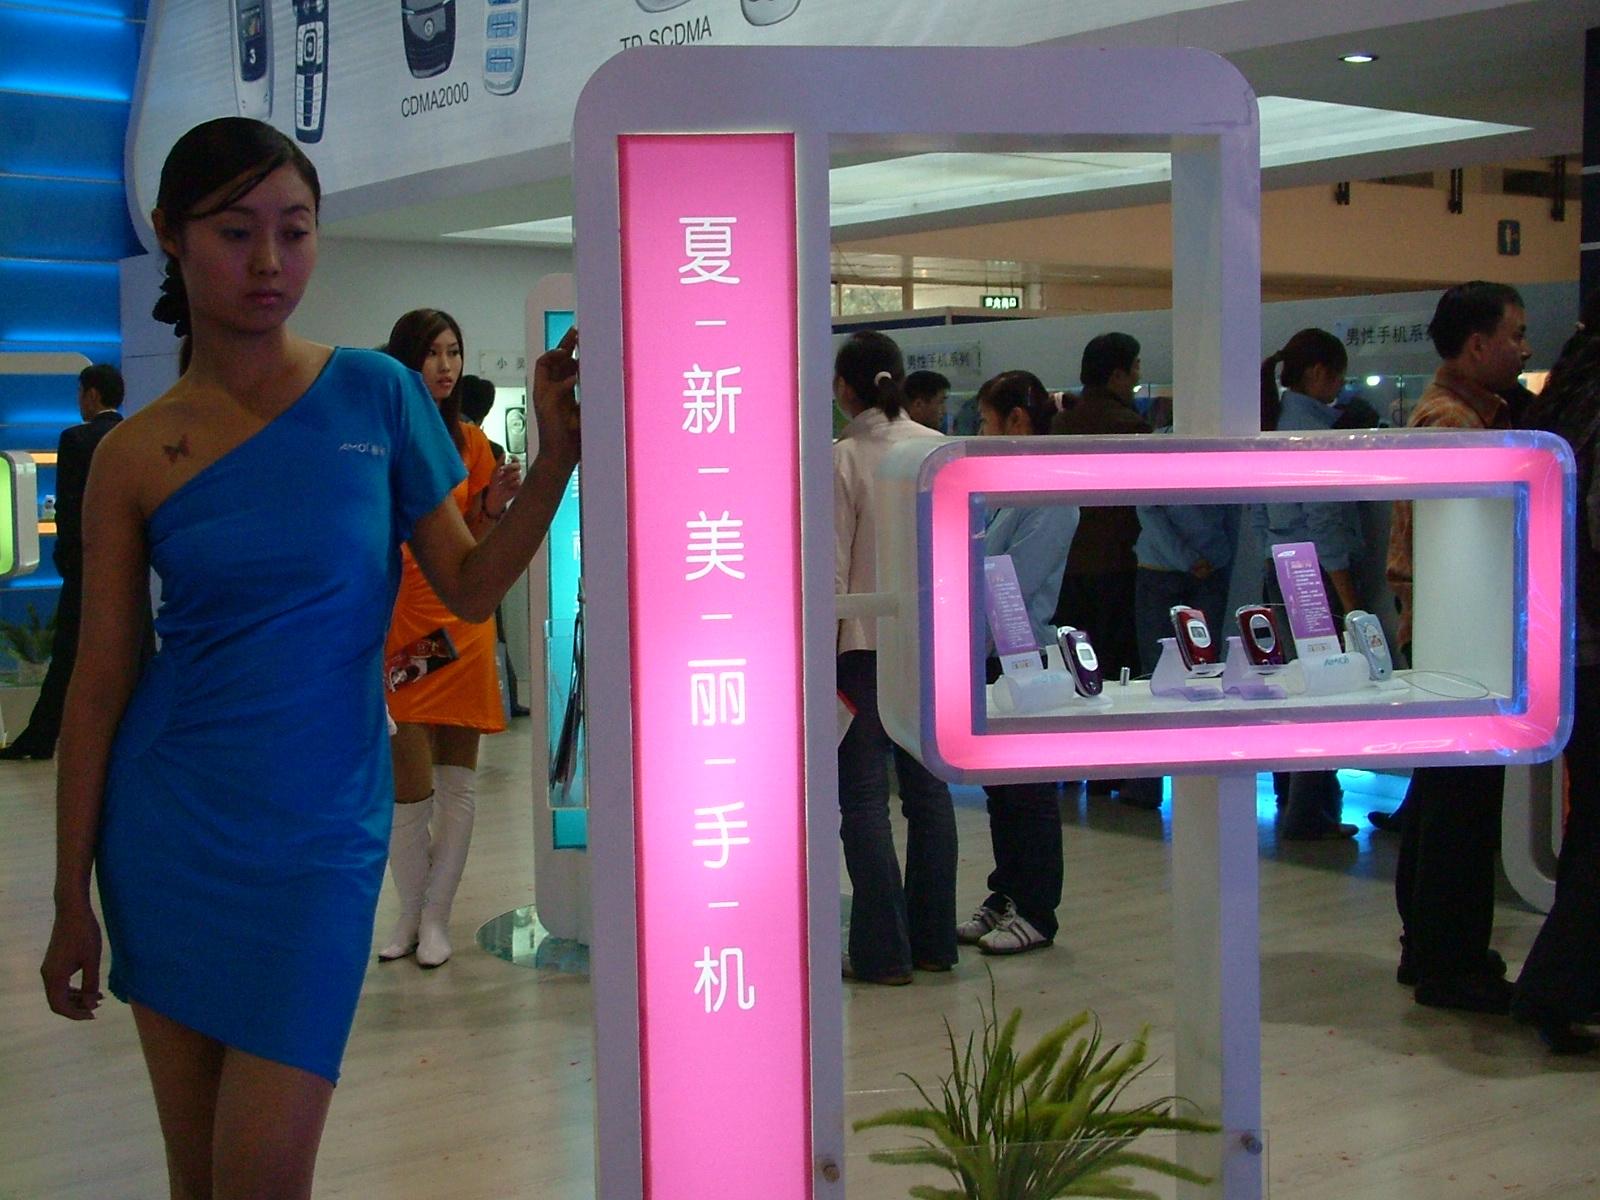 北京/【搜狐IT消息】2004年10月26日/10月30日,由信息产业部和中国...